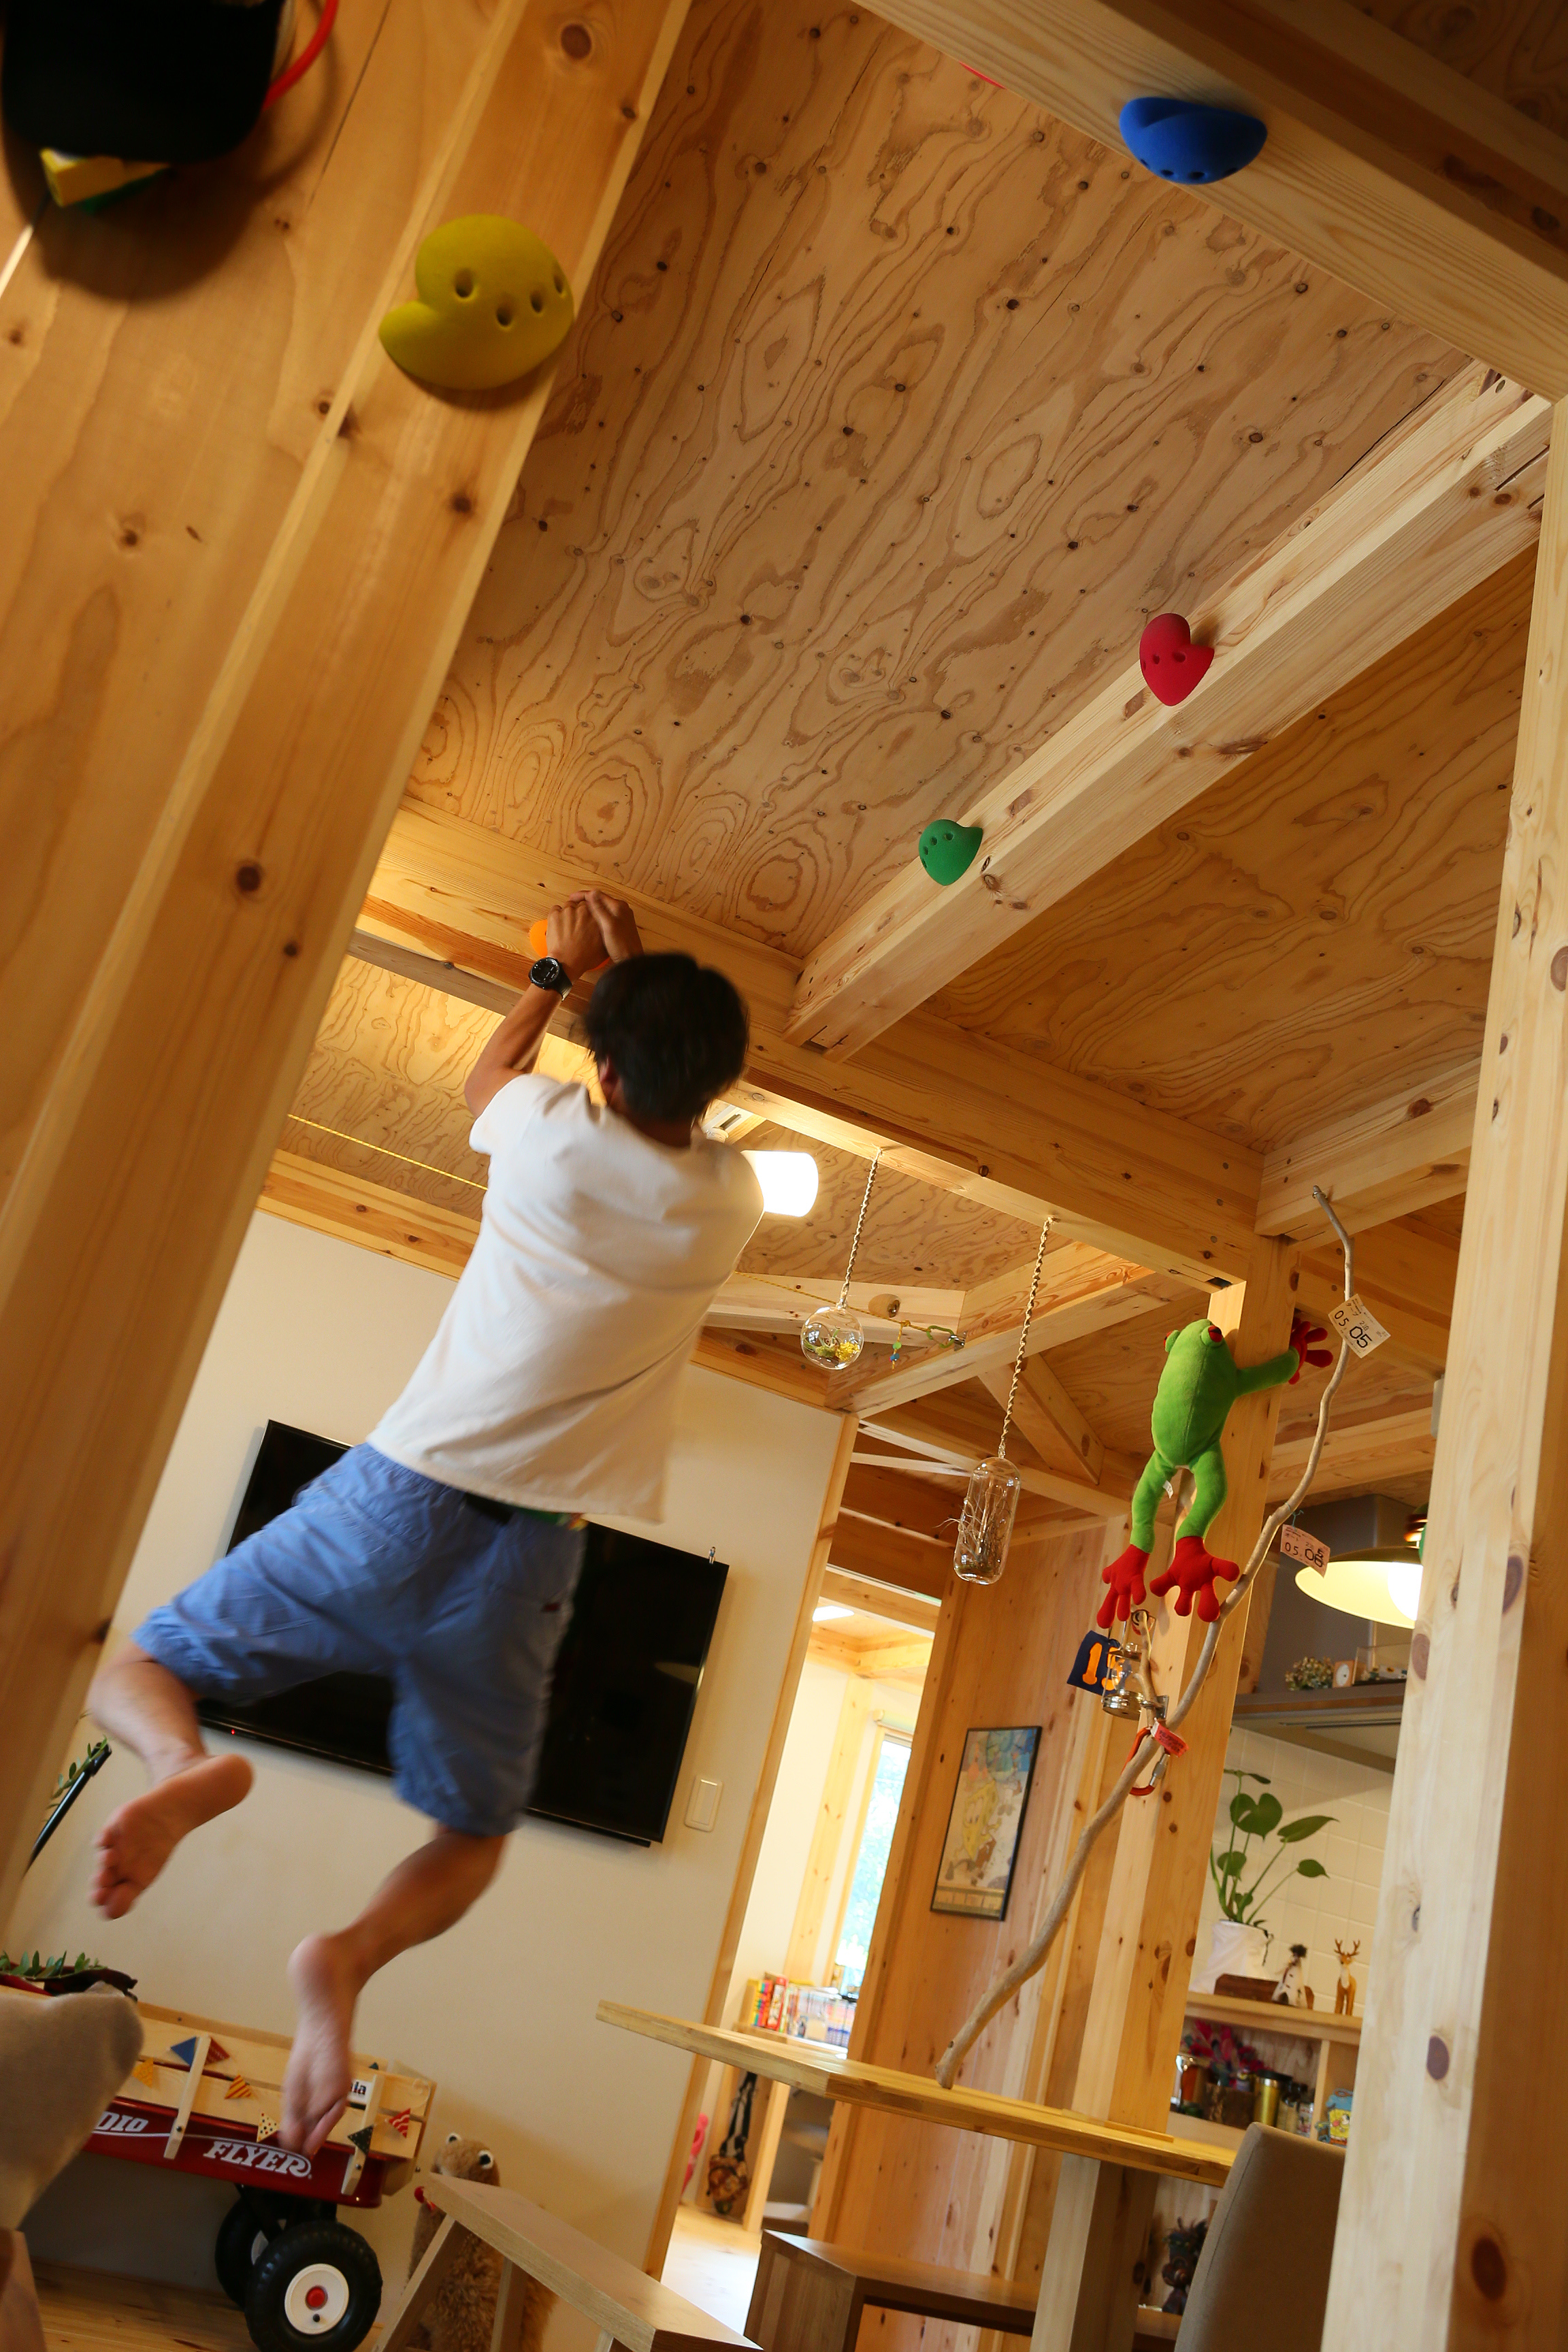 BinO志太・榛原 マルジン総建【子育て、自然素材、平屋】ボルタリングのホールドは見るだけではなく、使用することも可能。趣味がインテリアになり、遊び心をくすぐる